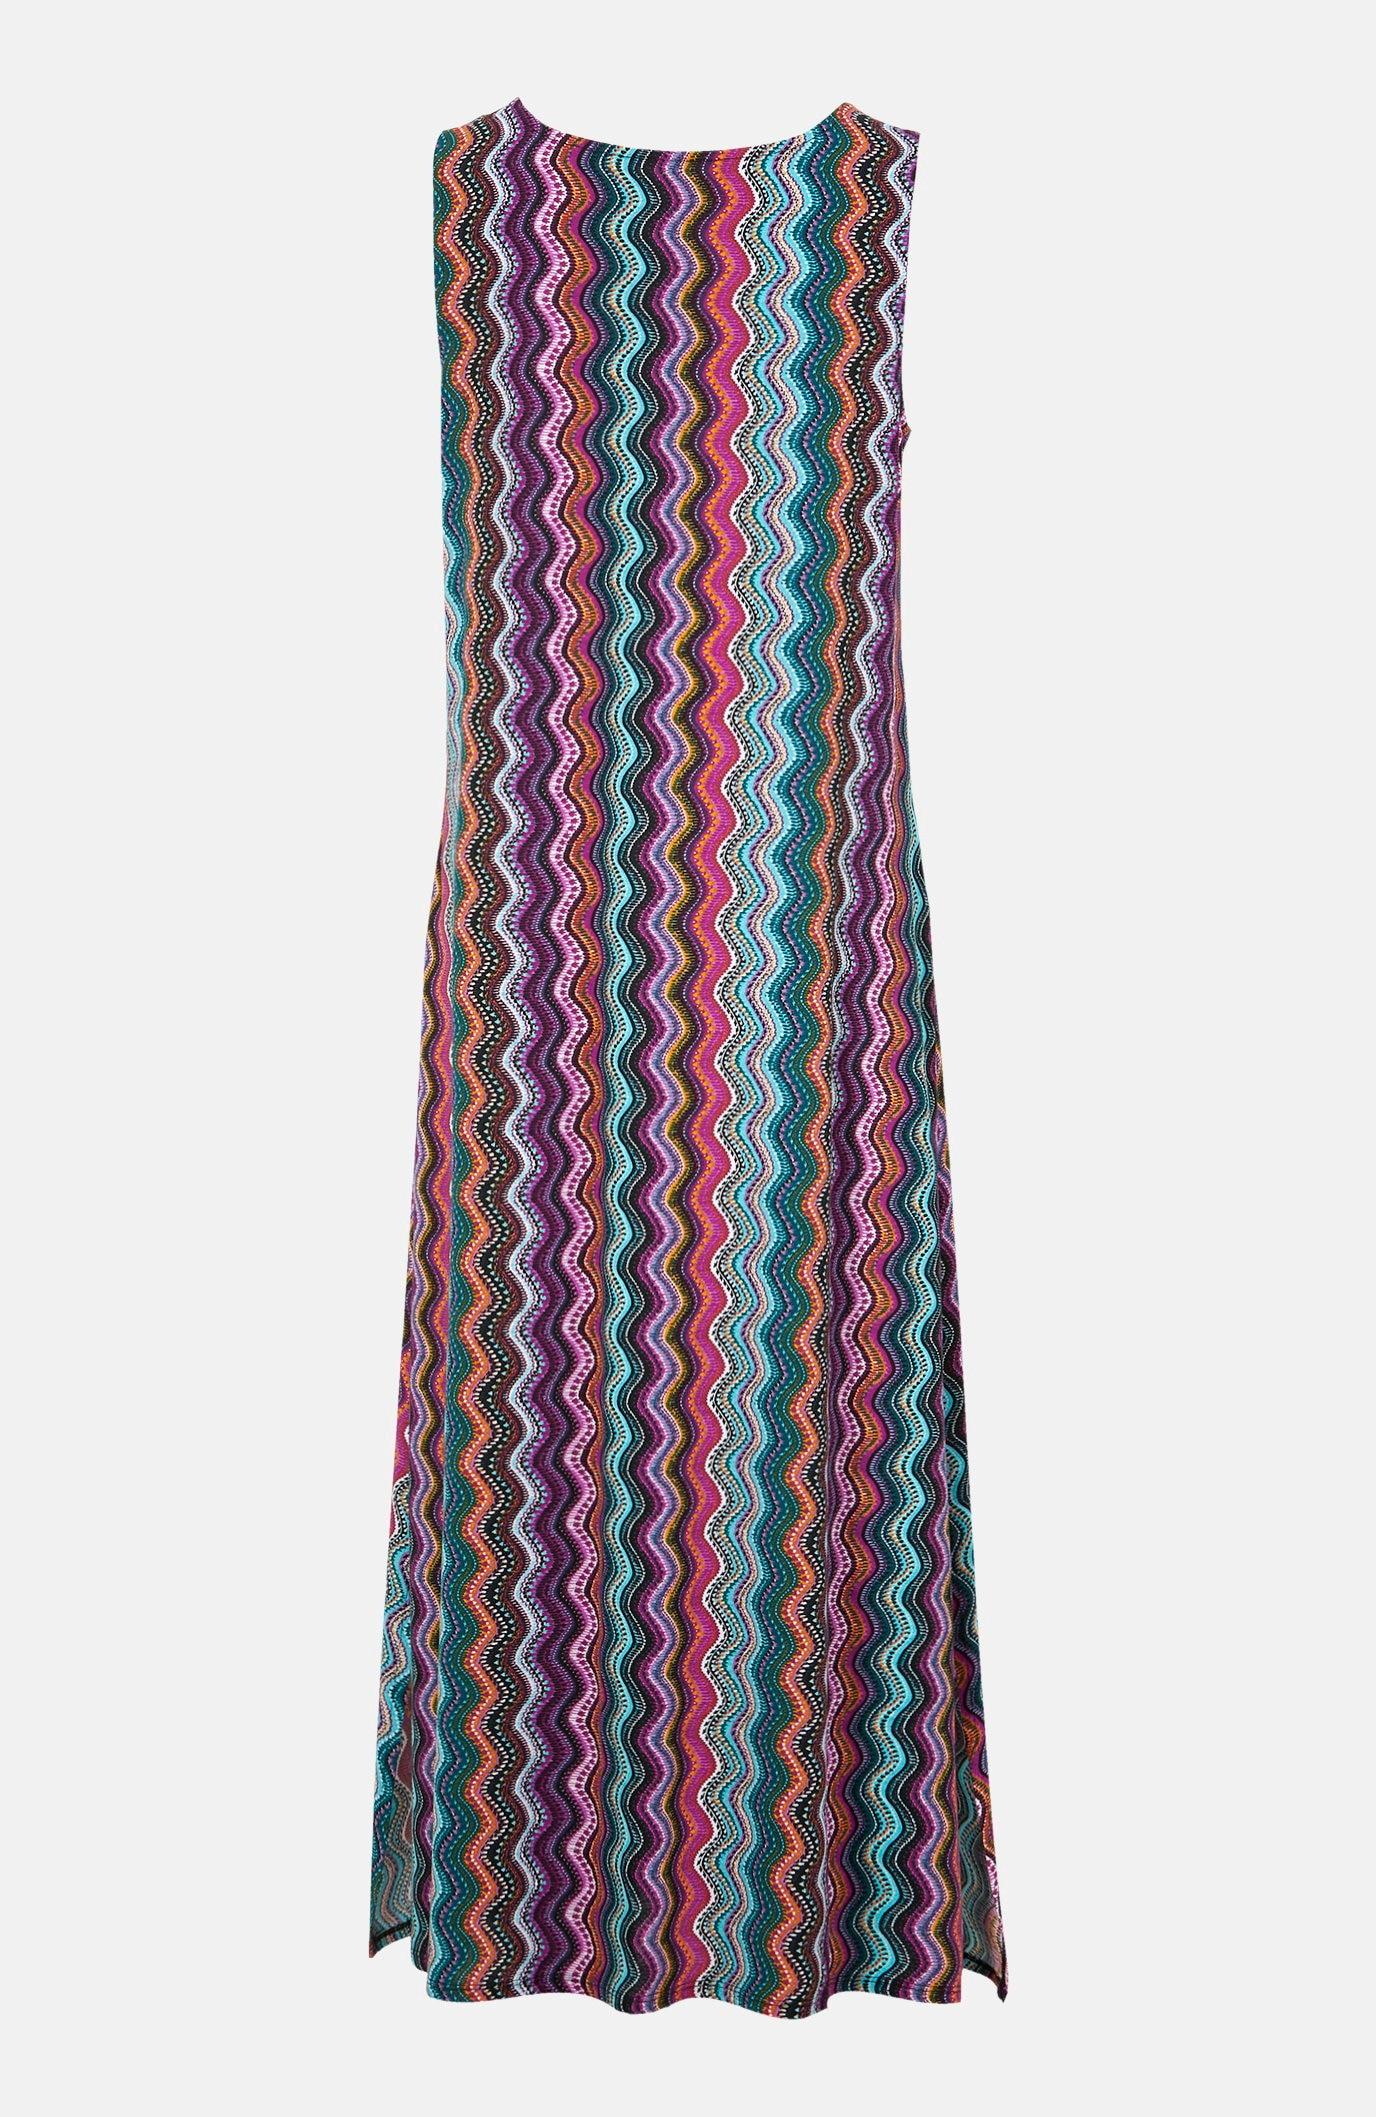 Mønstret trikotkjole